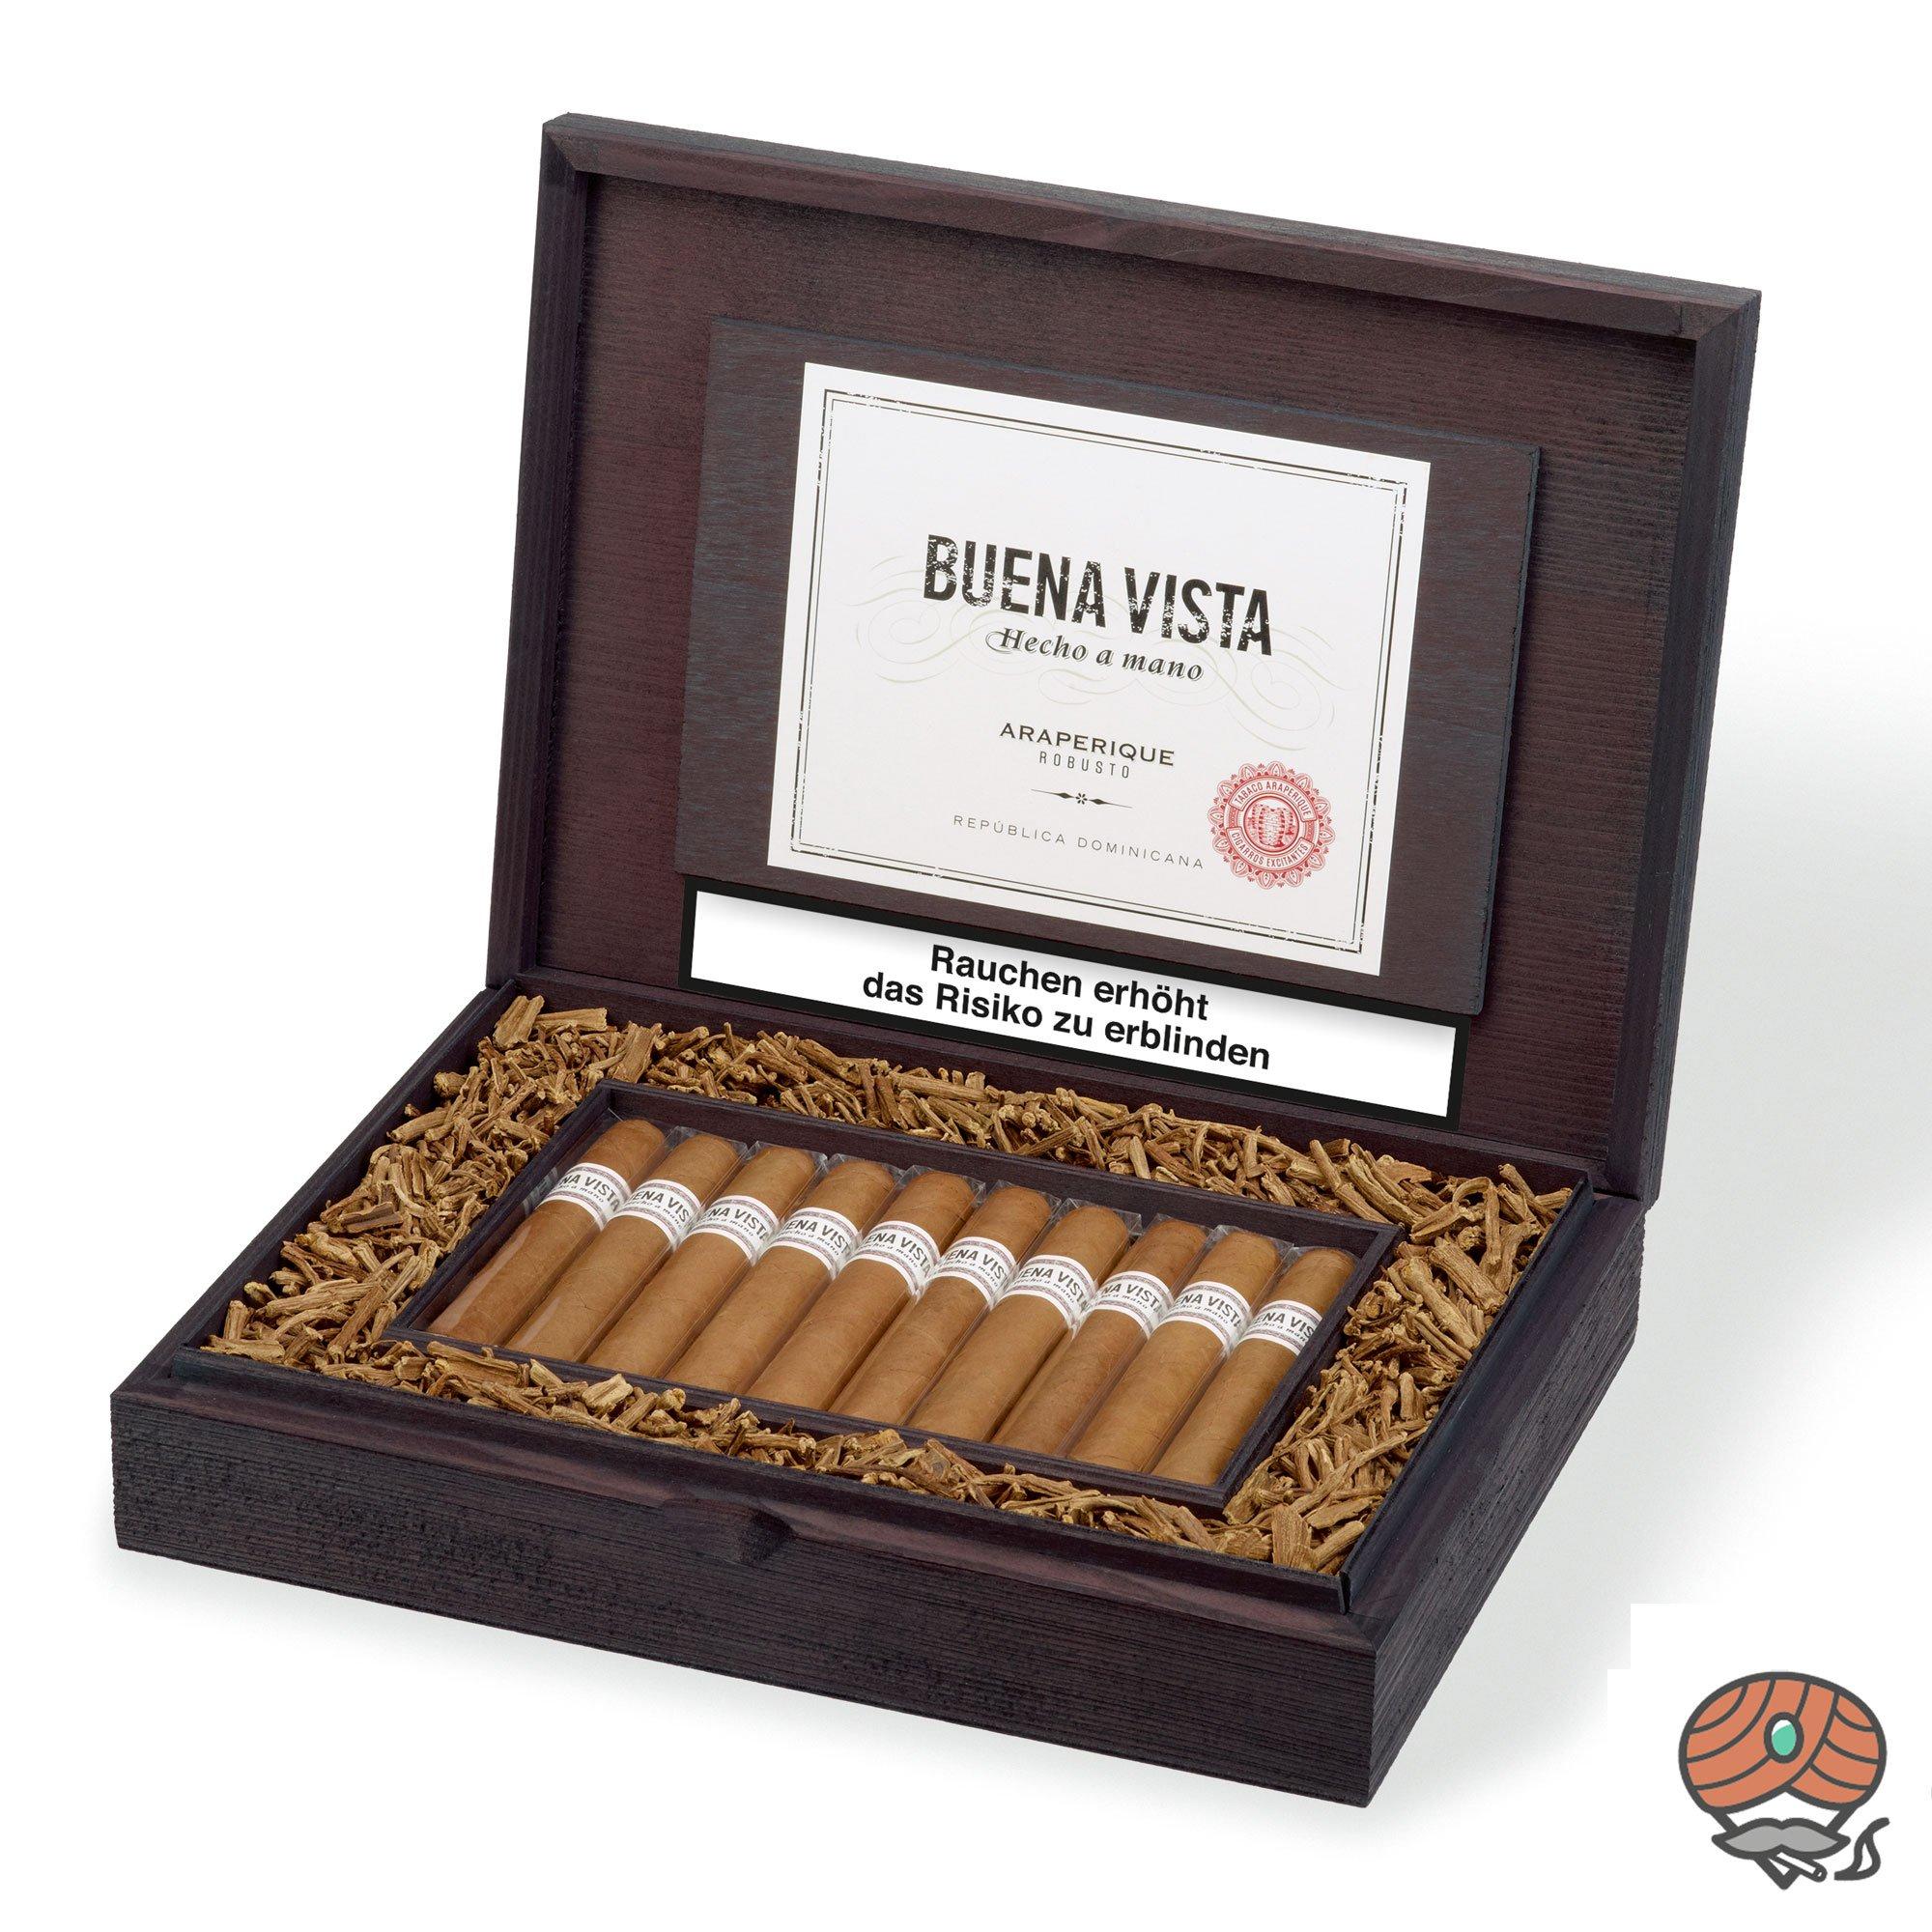 Buena Vista Araperique Robusto Zigarre Dominikanische Republik 20er Kiste